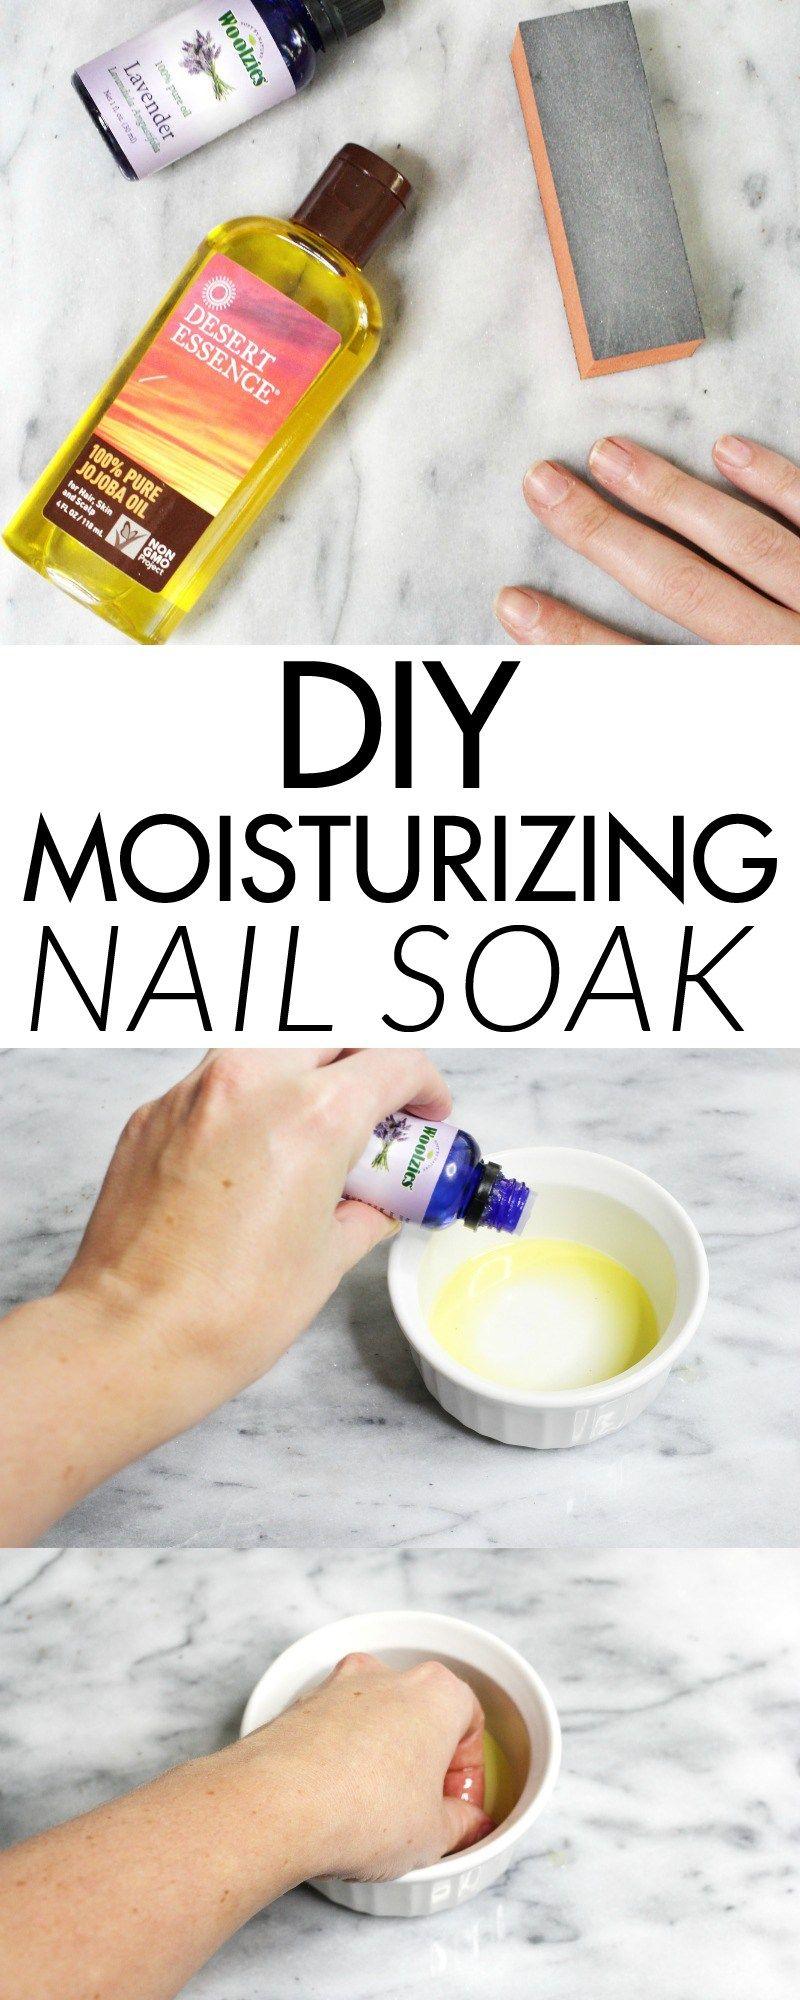 At home nail soak nail soak diy nails soak diy manicure